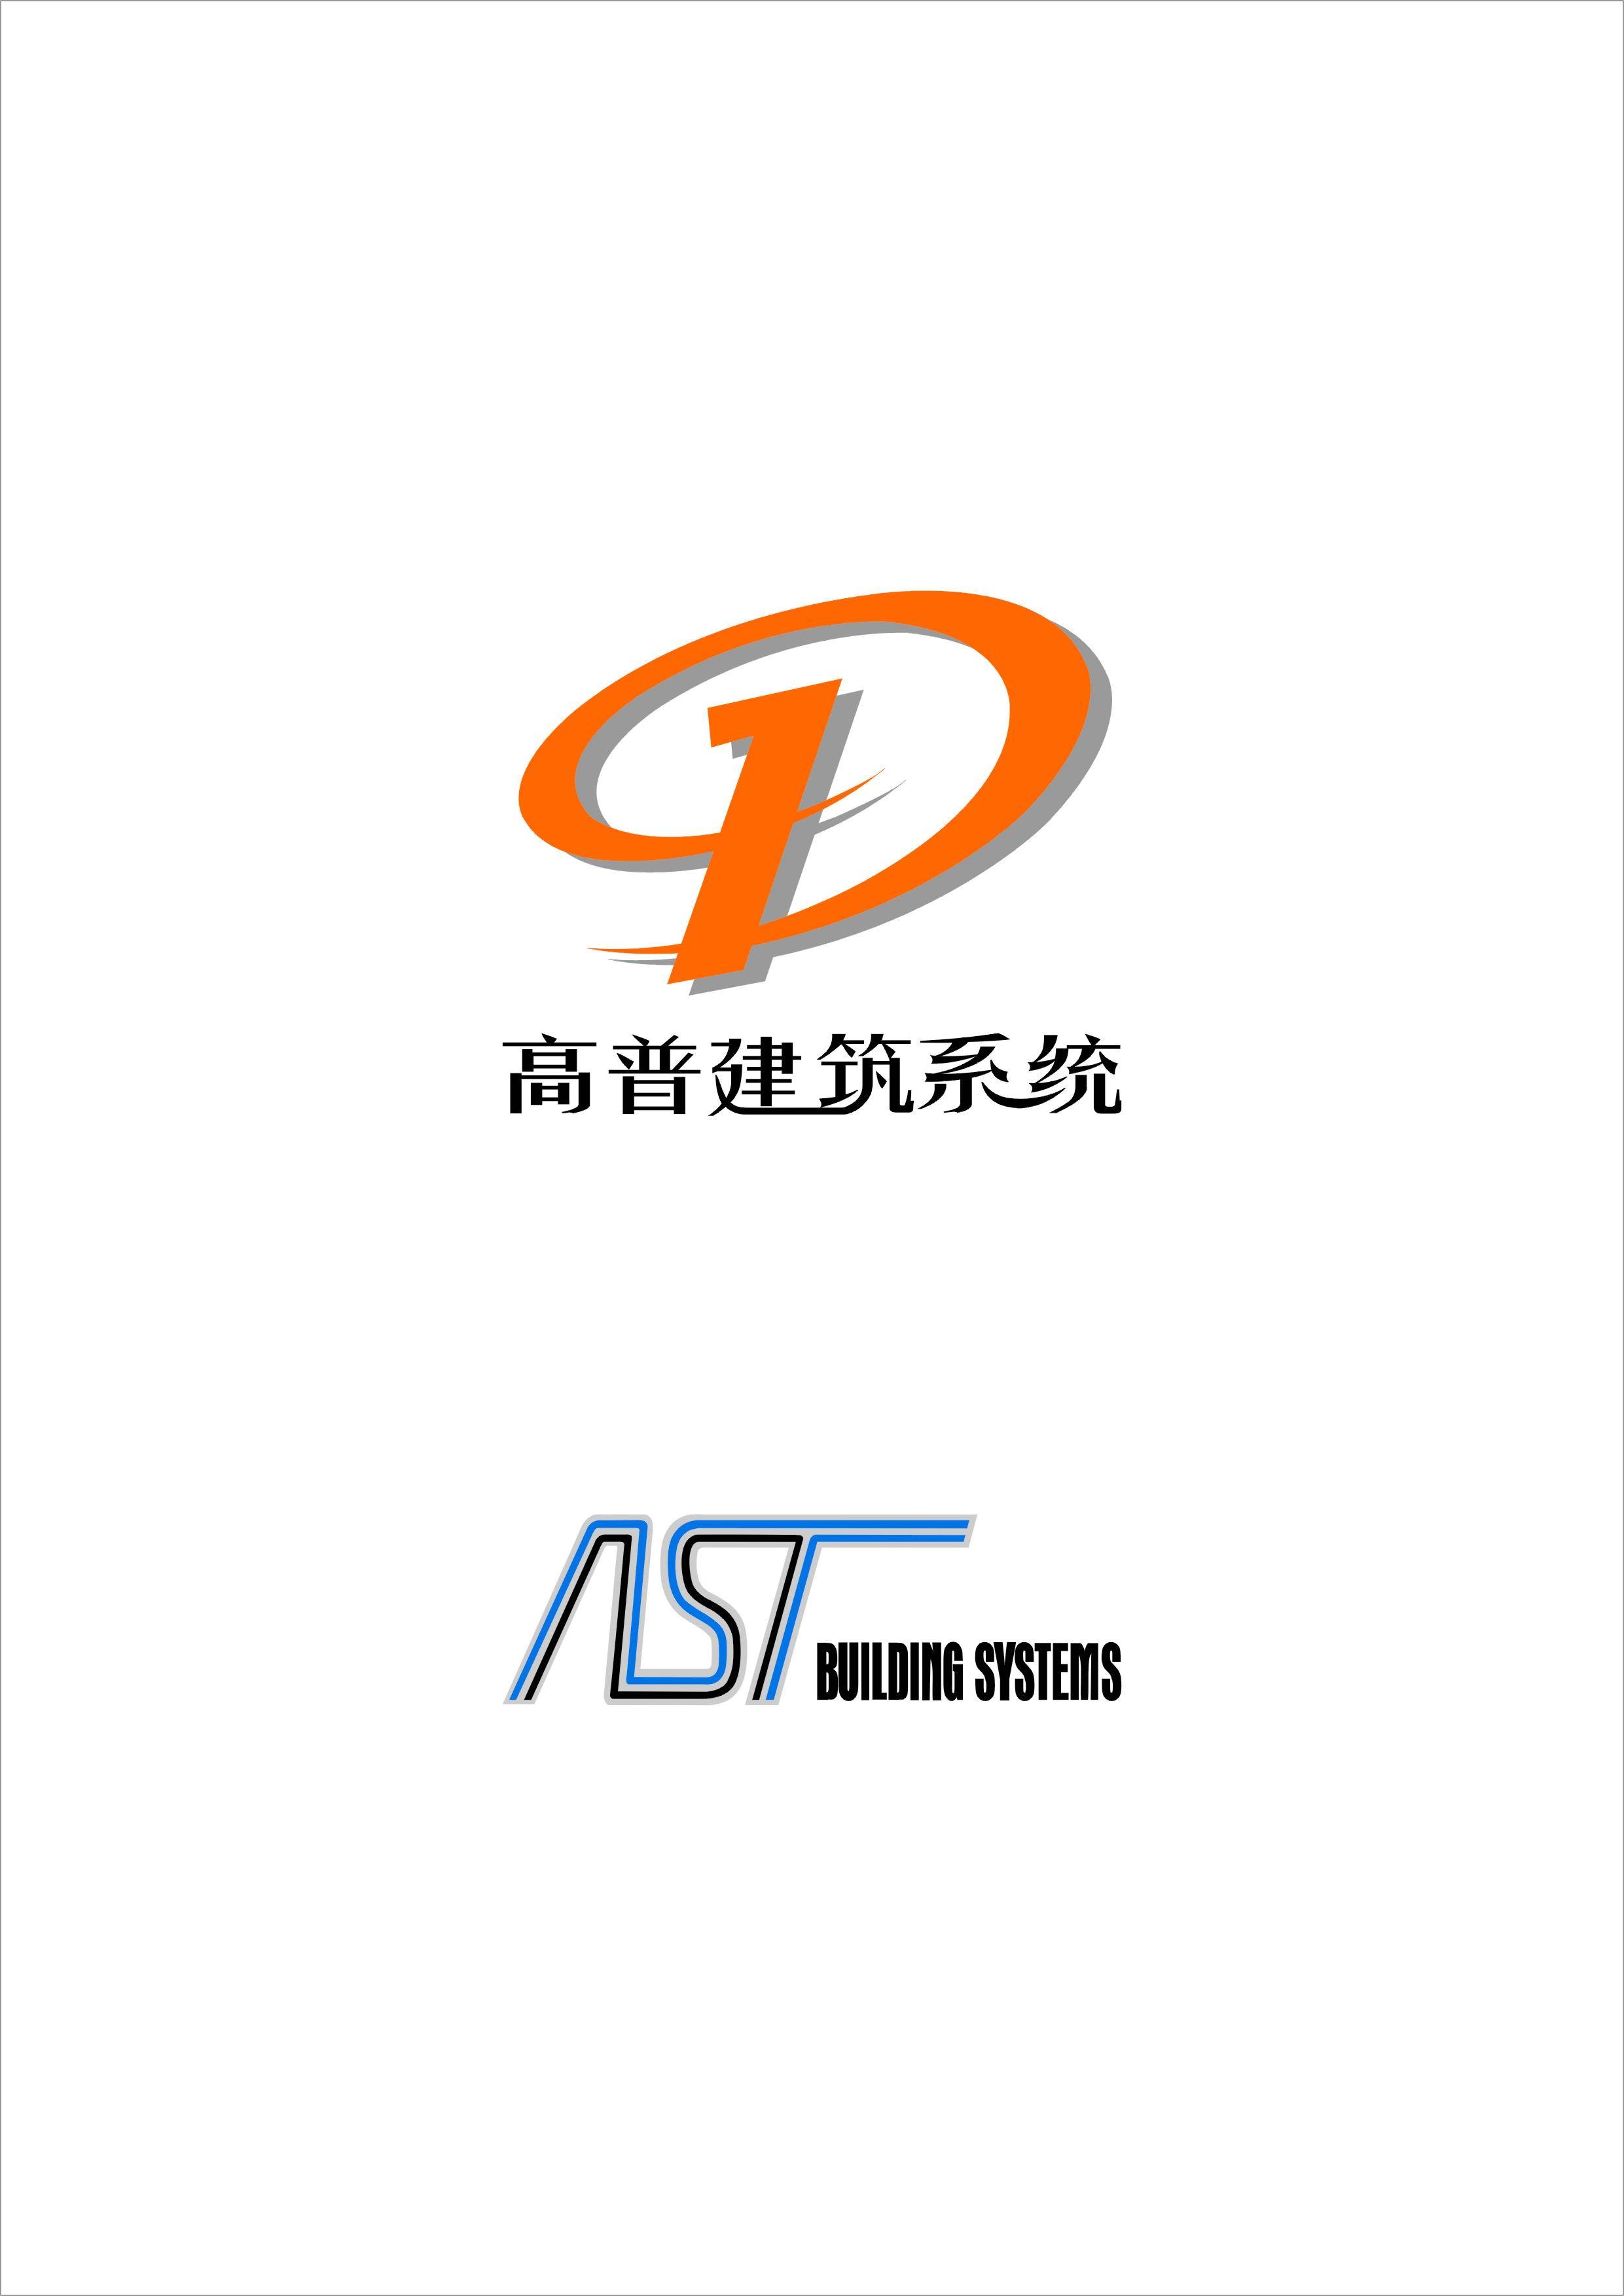 杭州高普建筑材料系统有限公司